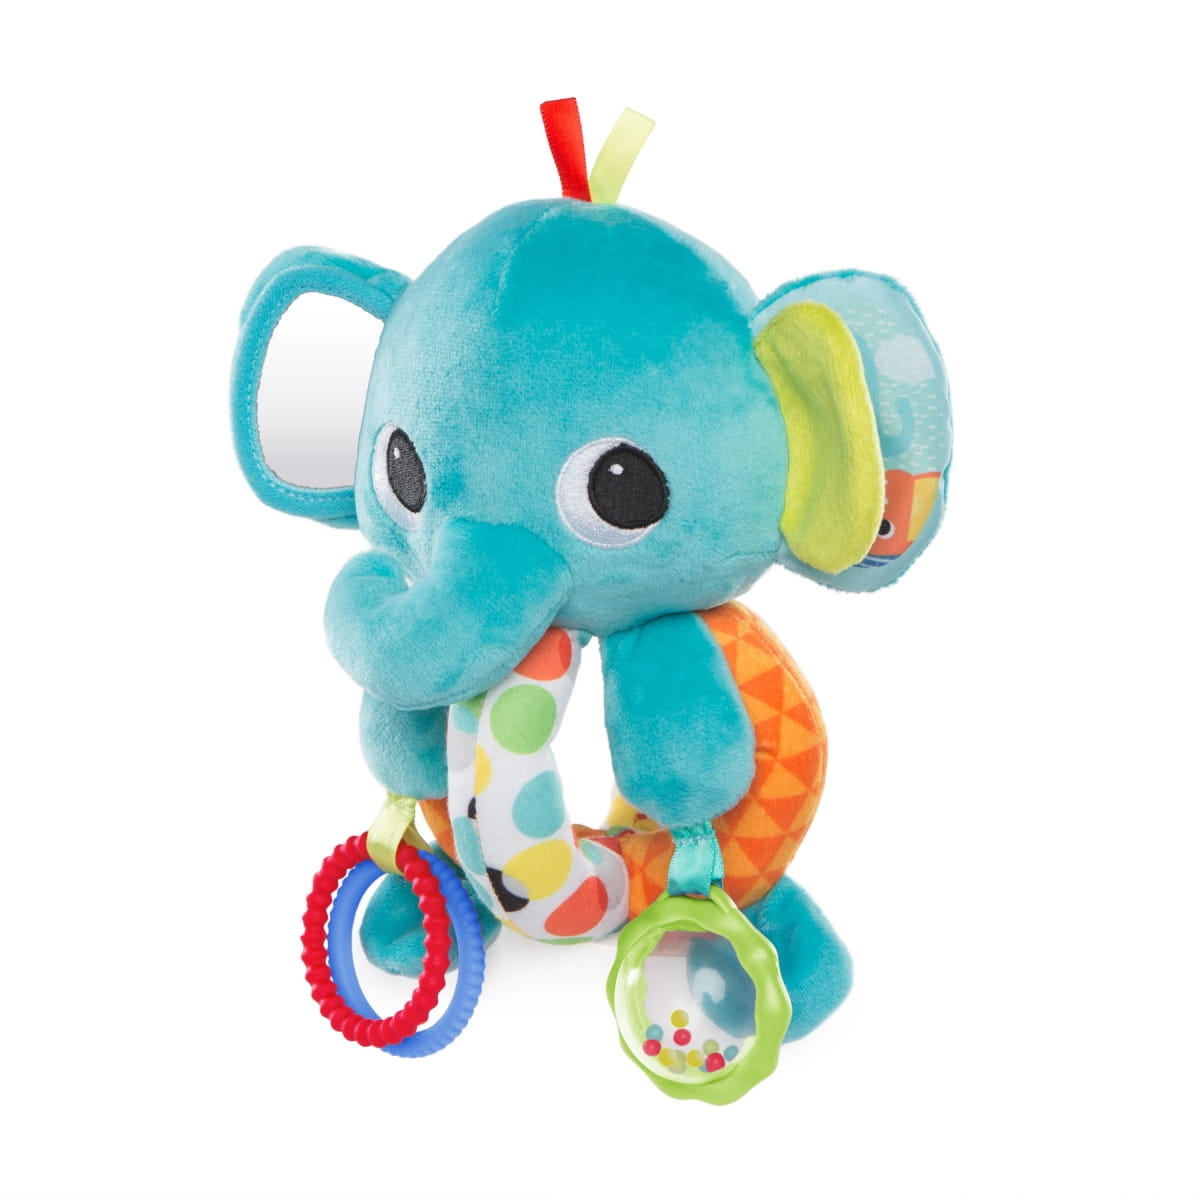 Развивающая игрушка BRIGHT STARTS Ласковый слоненок - Развивающие центры и игрушки